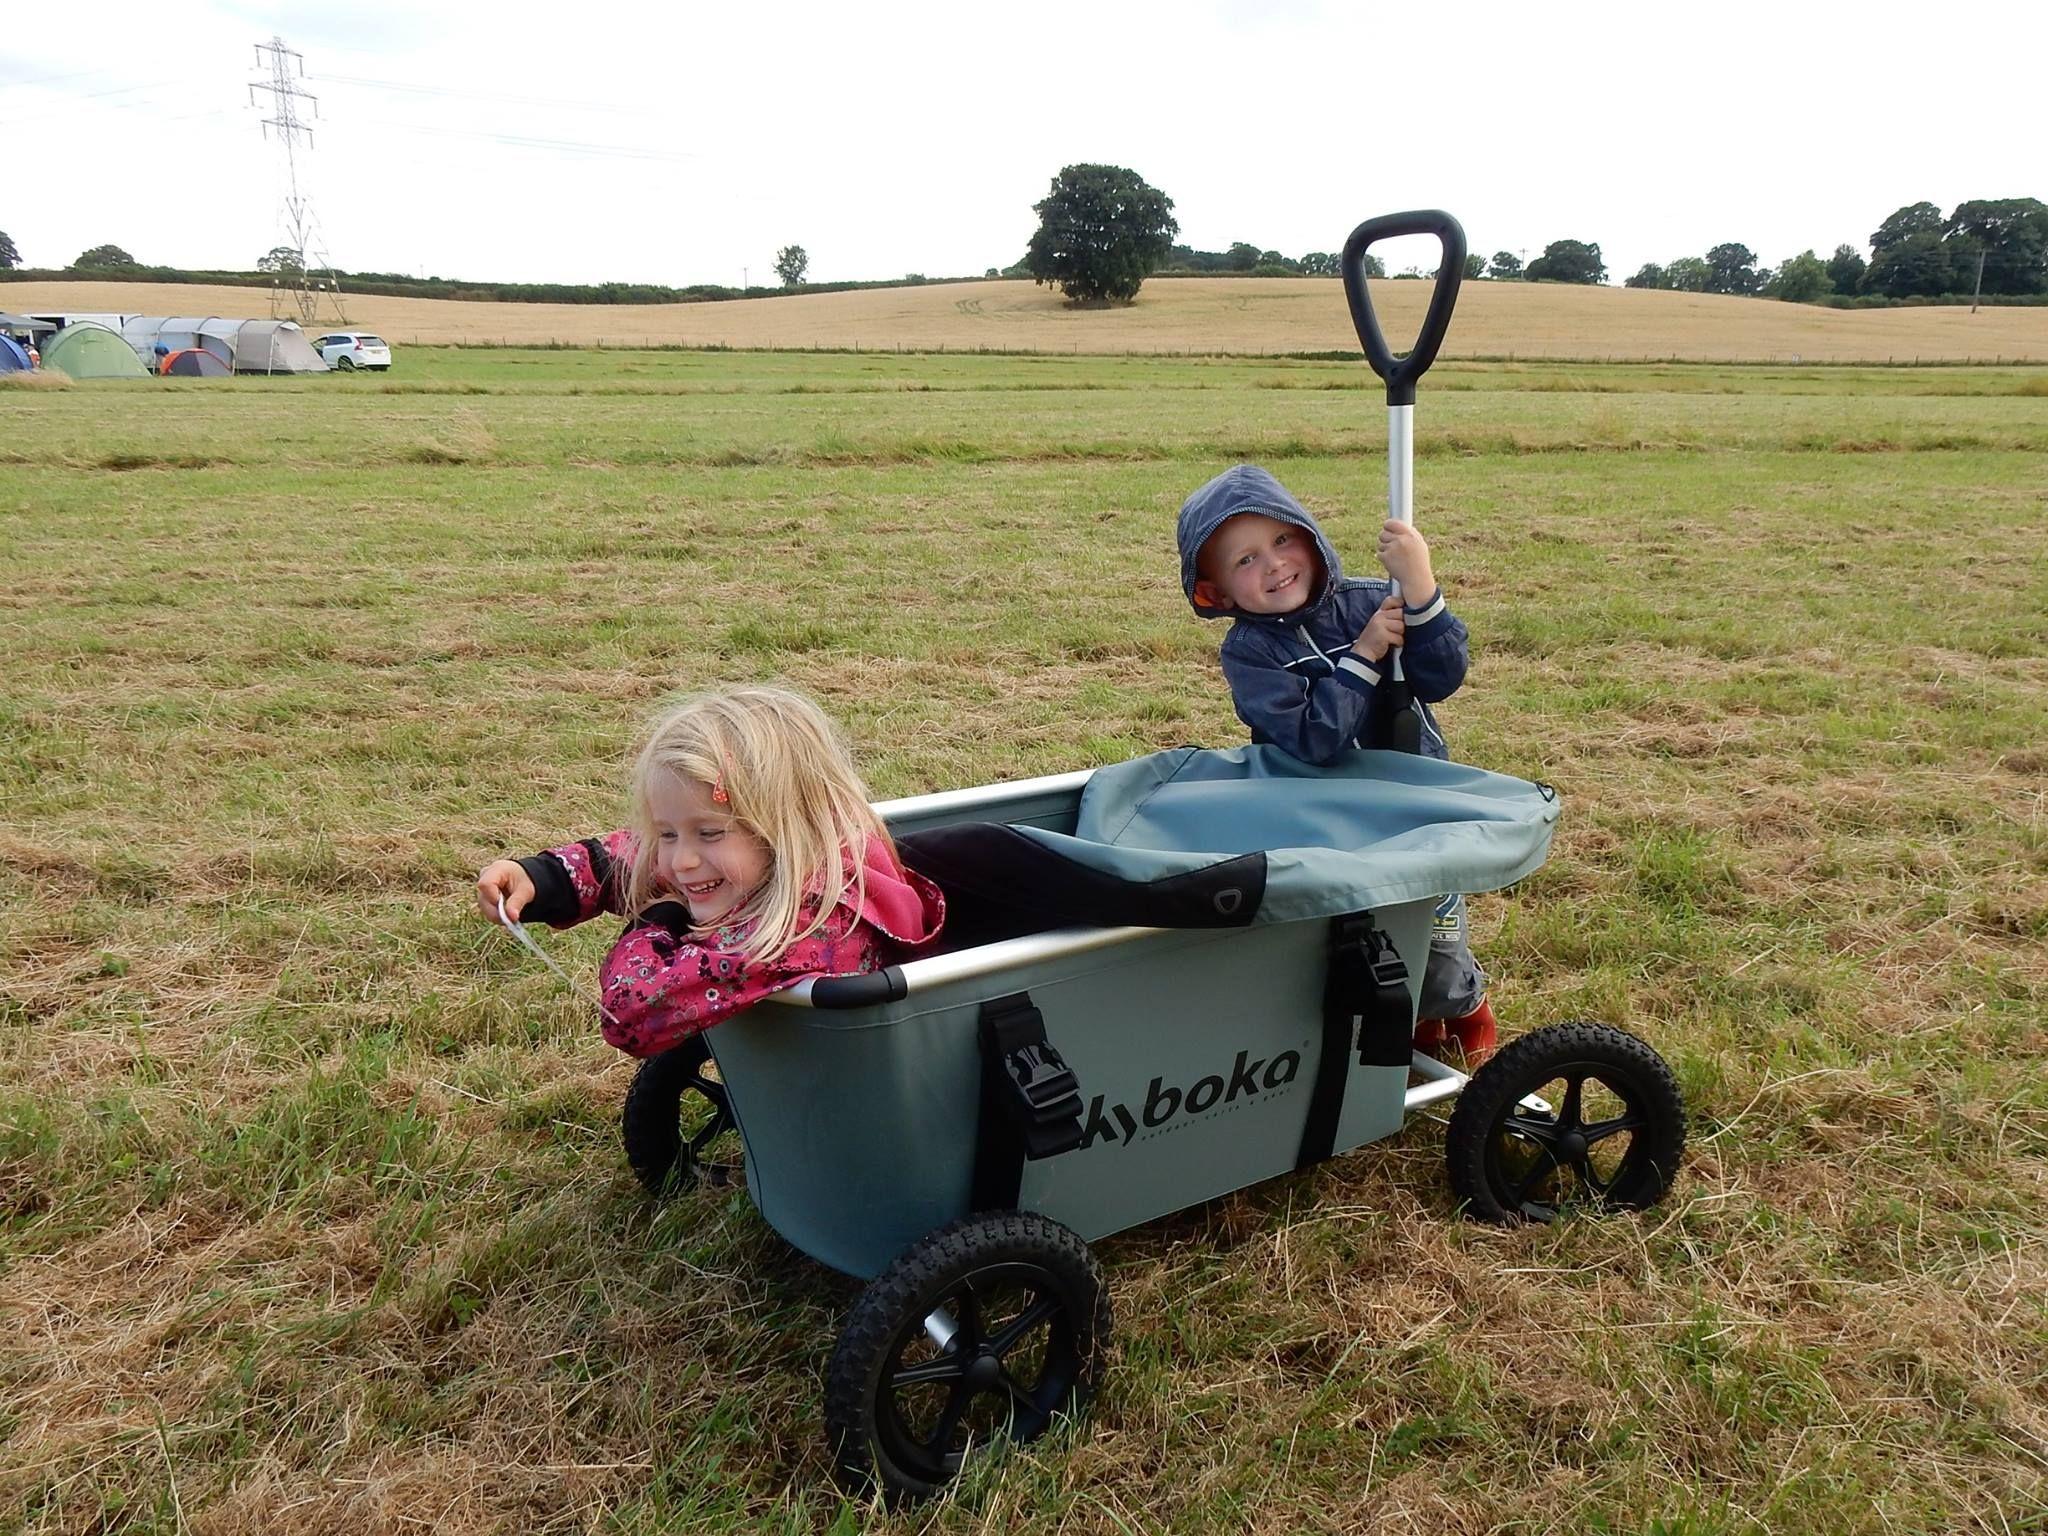 Kids just love it kyboka outdoors outdoorgear kitesurfing